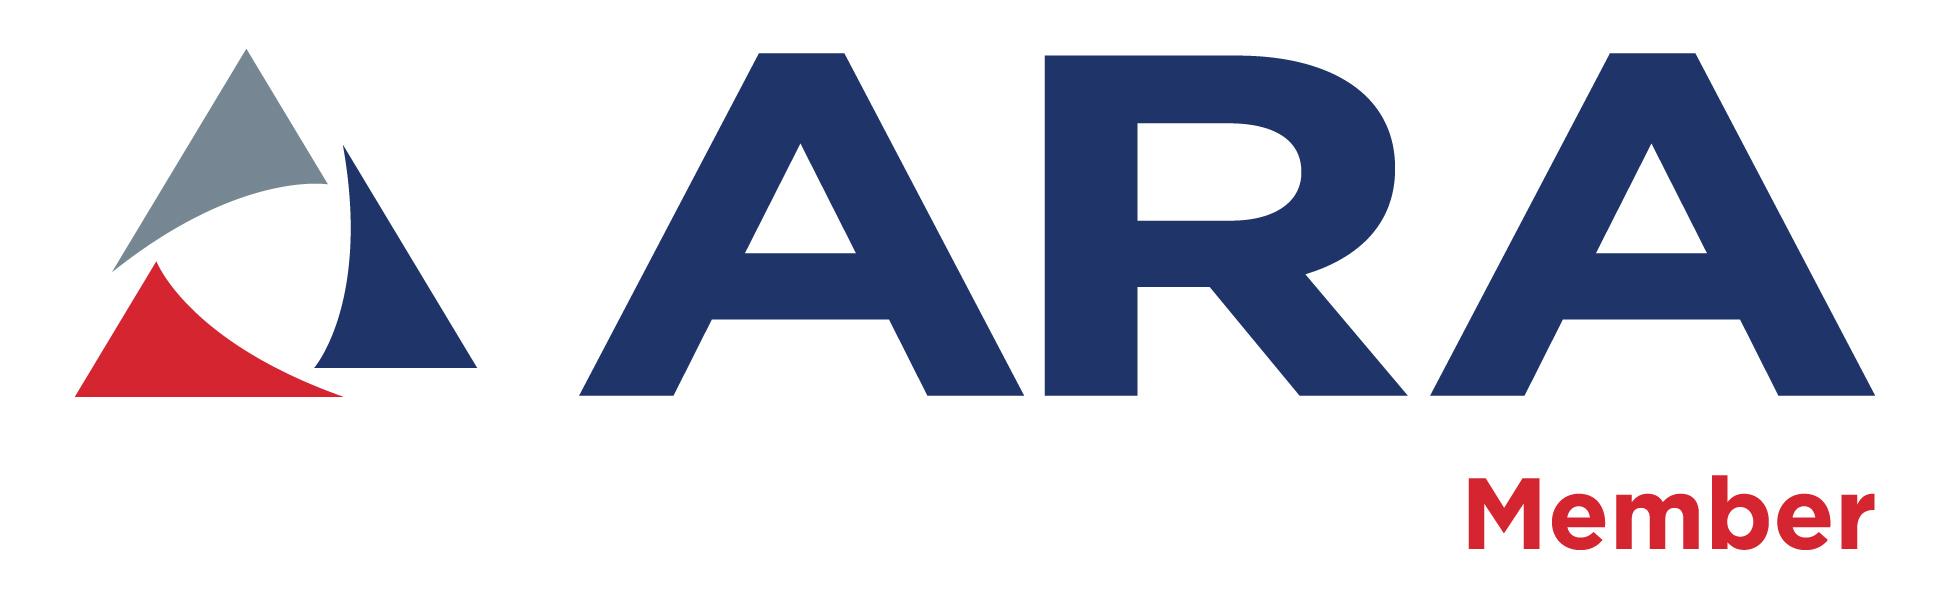 new-ara-member-logo-rgb.jpg